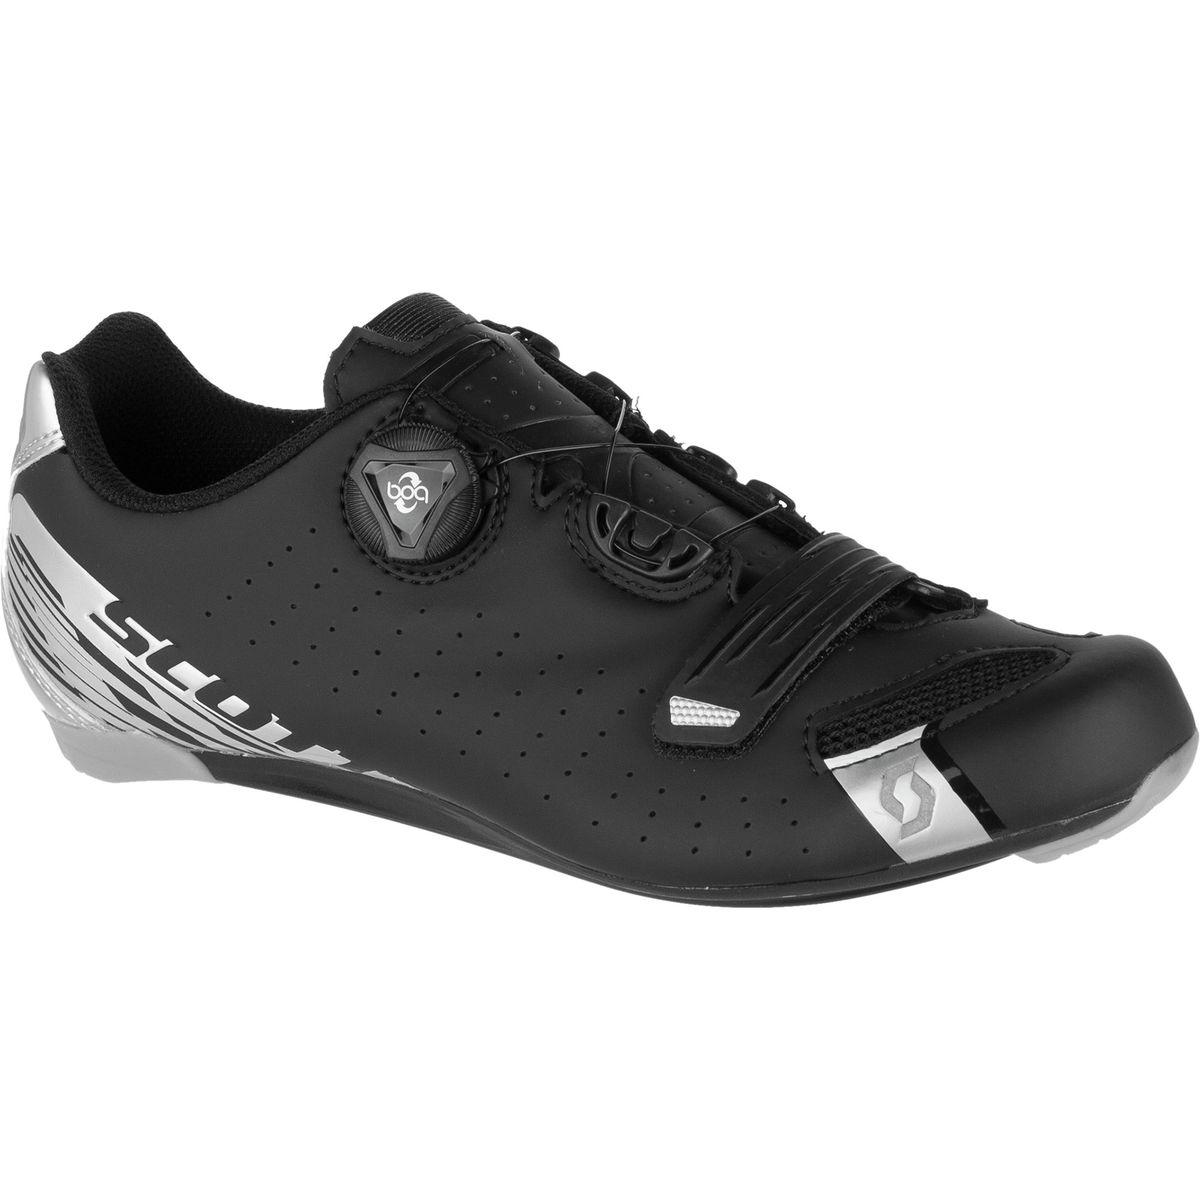 Scott Road Pro Lady Shoe